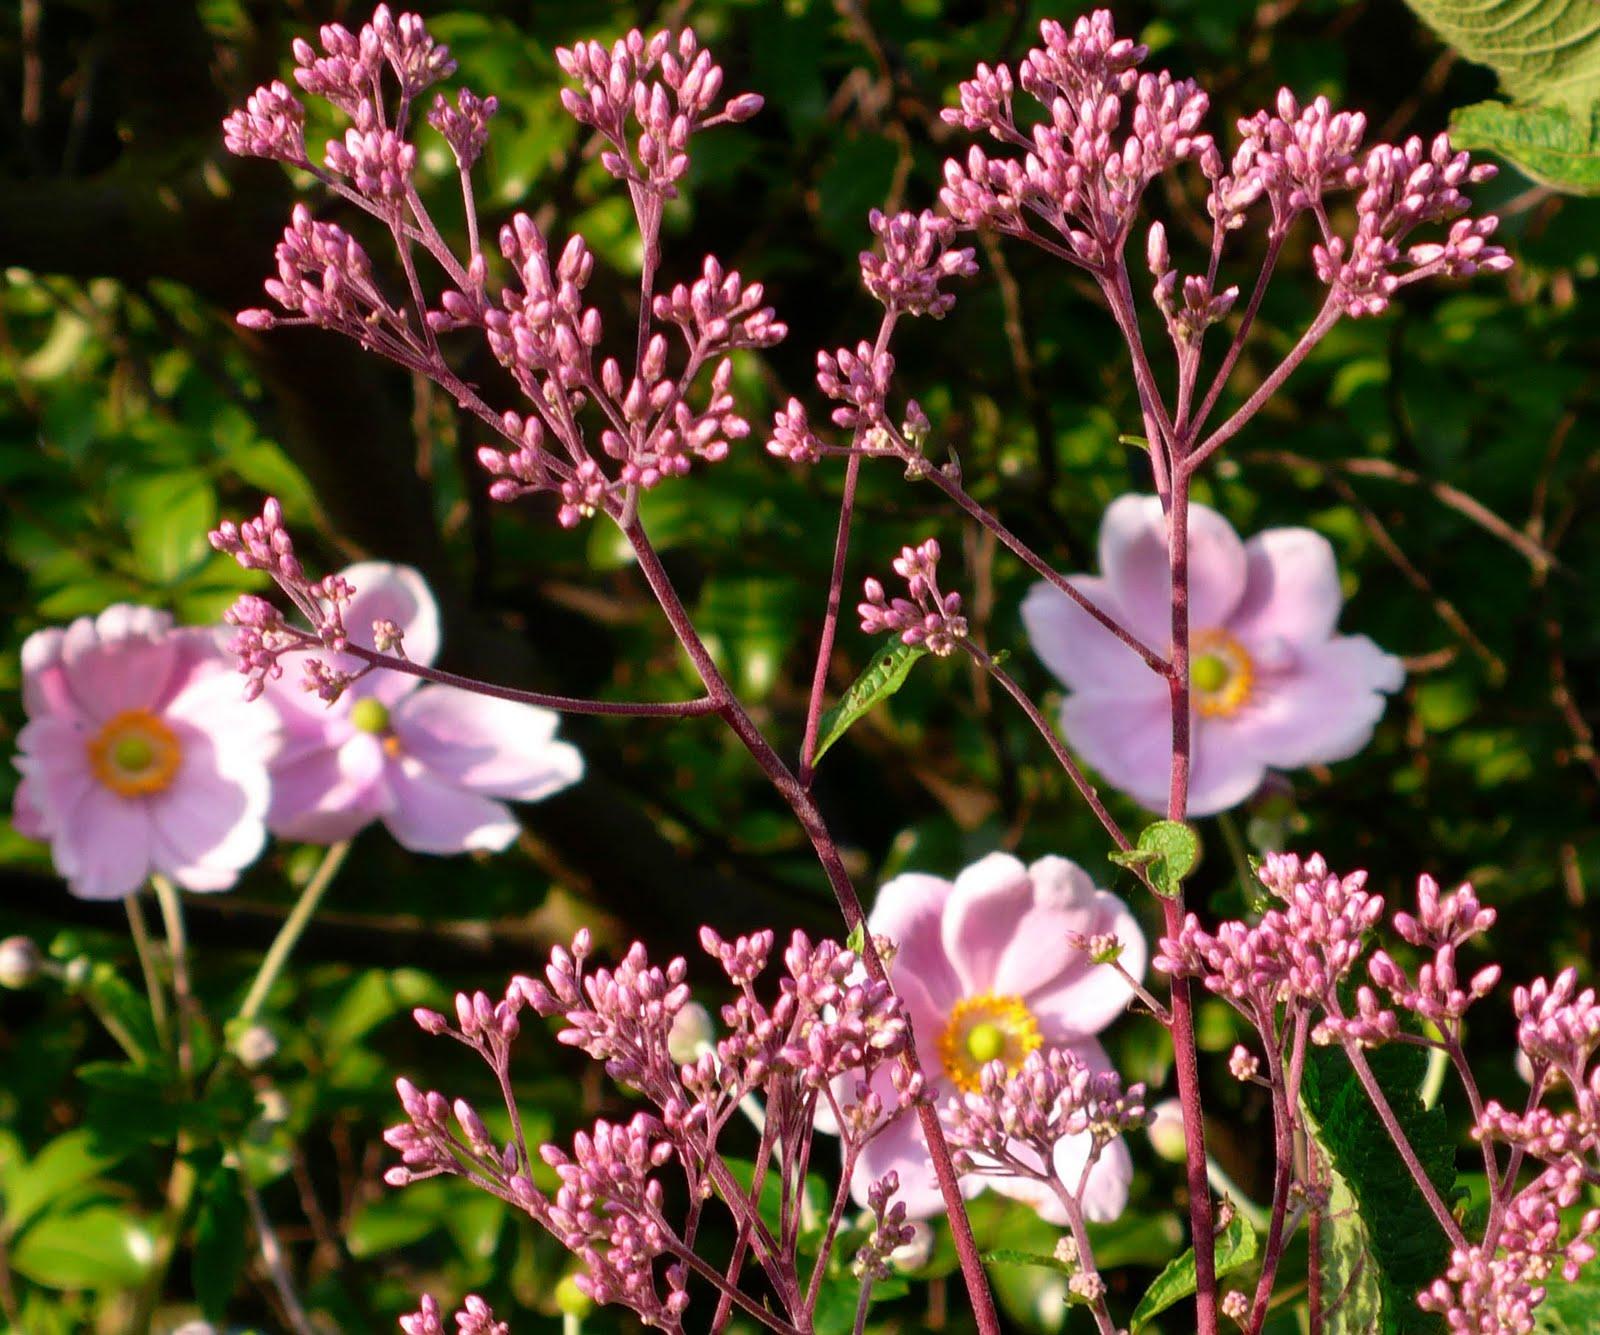 Share My Garden: Late Summer Flowers